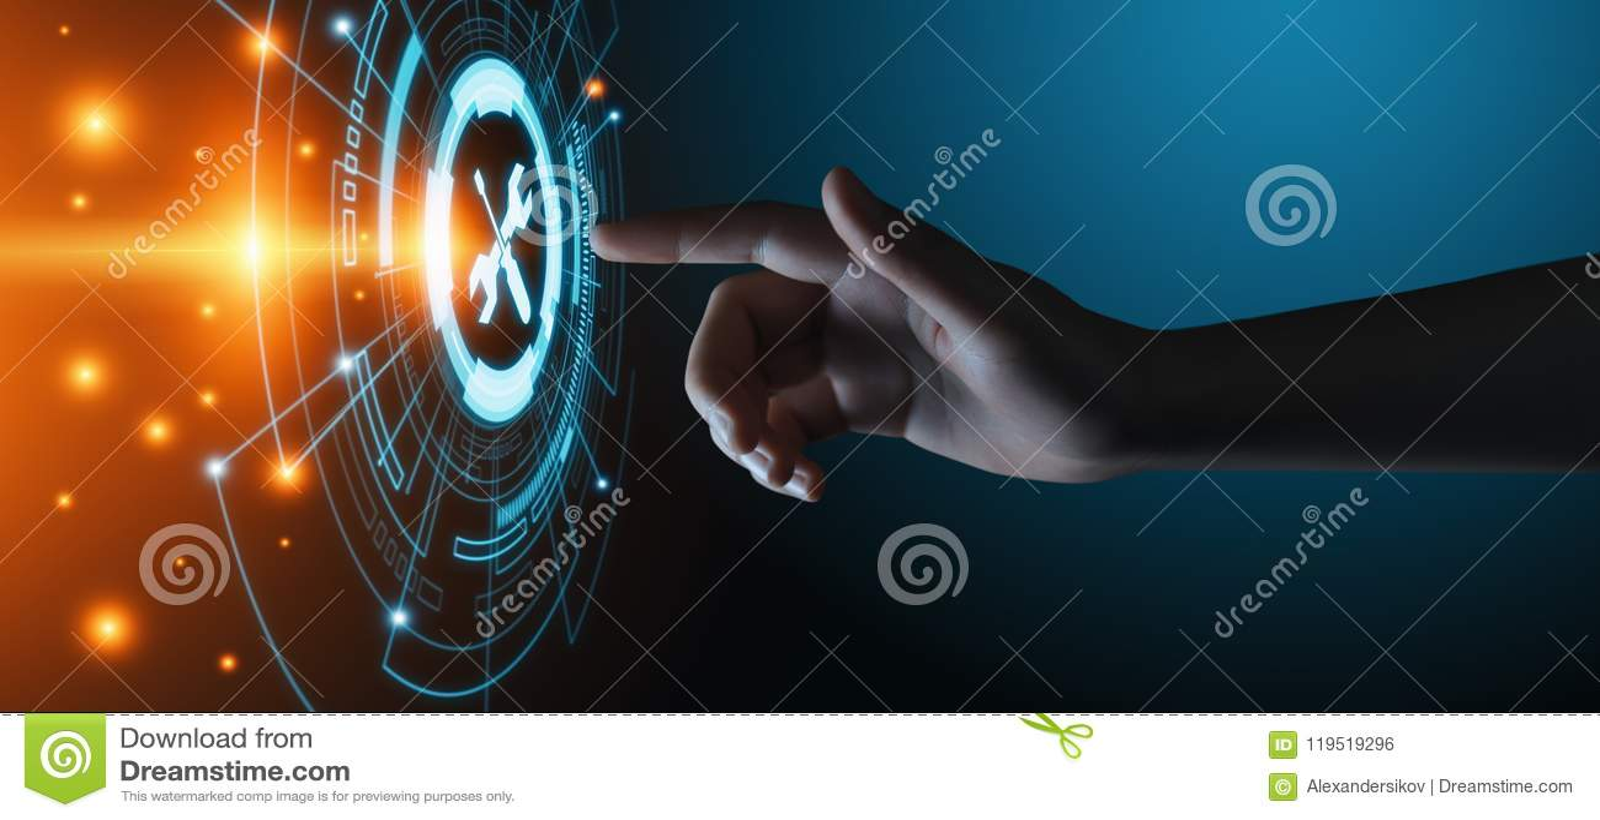 Technische Stützkunden-Dienstleistungsunternehmen-Technologie-Internet-Konzept